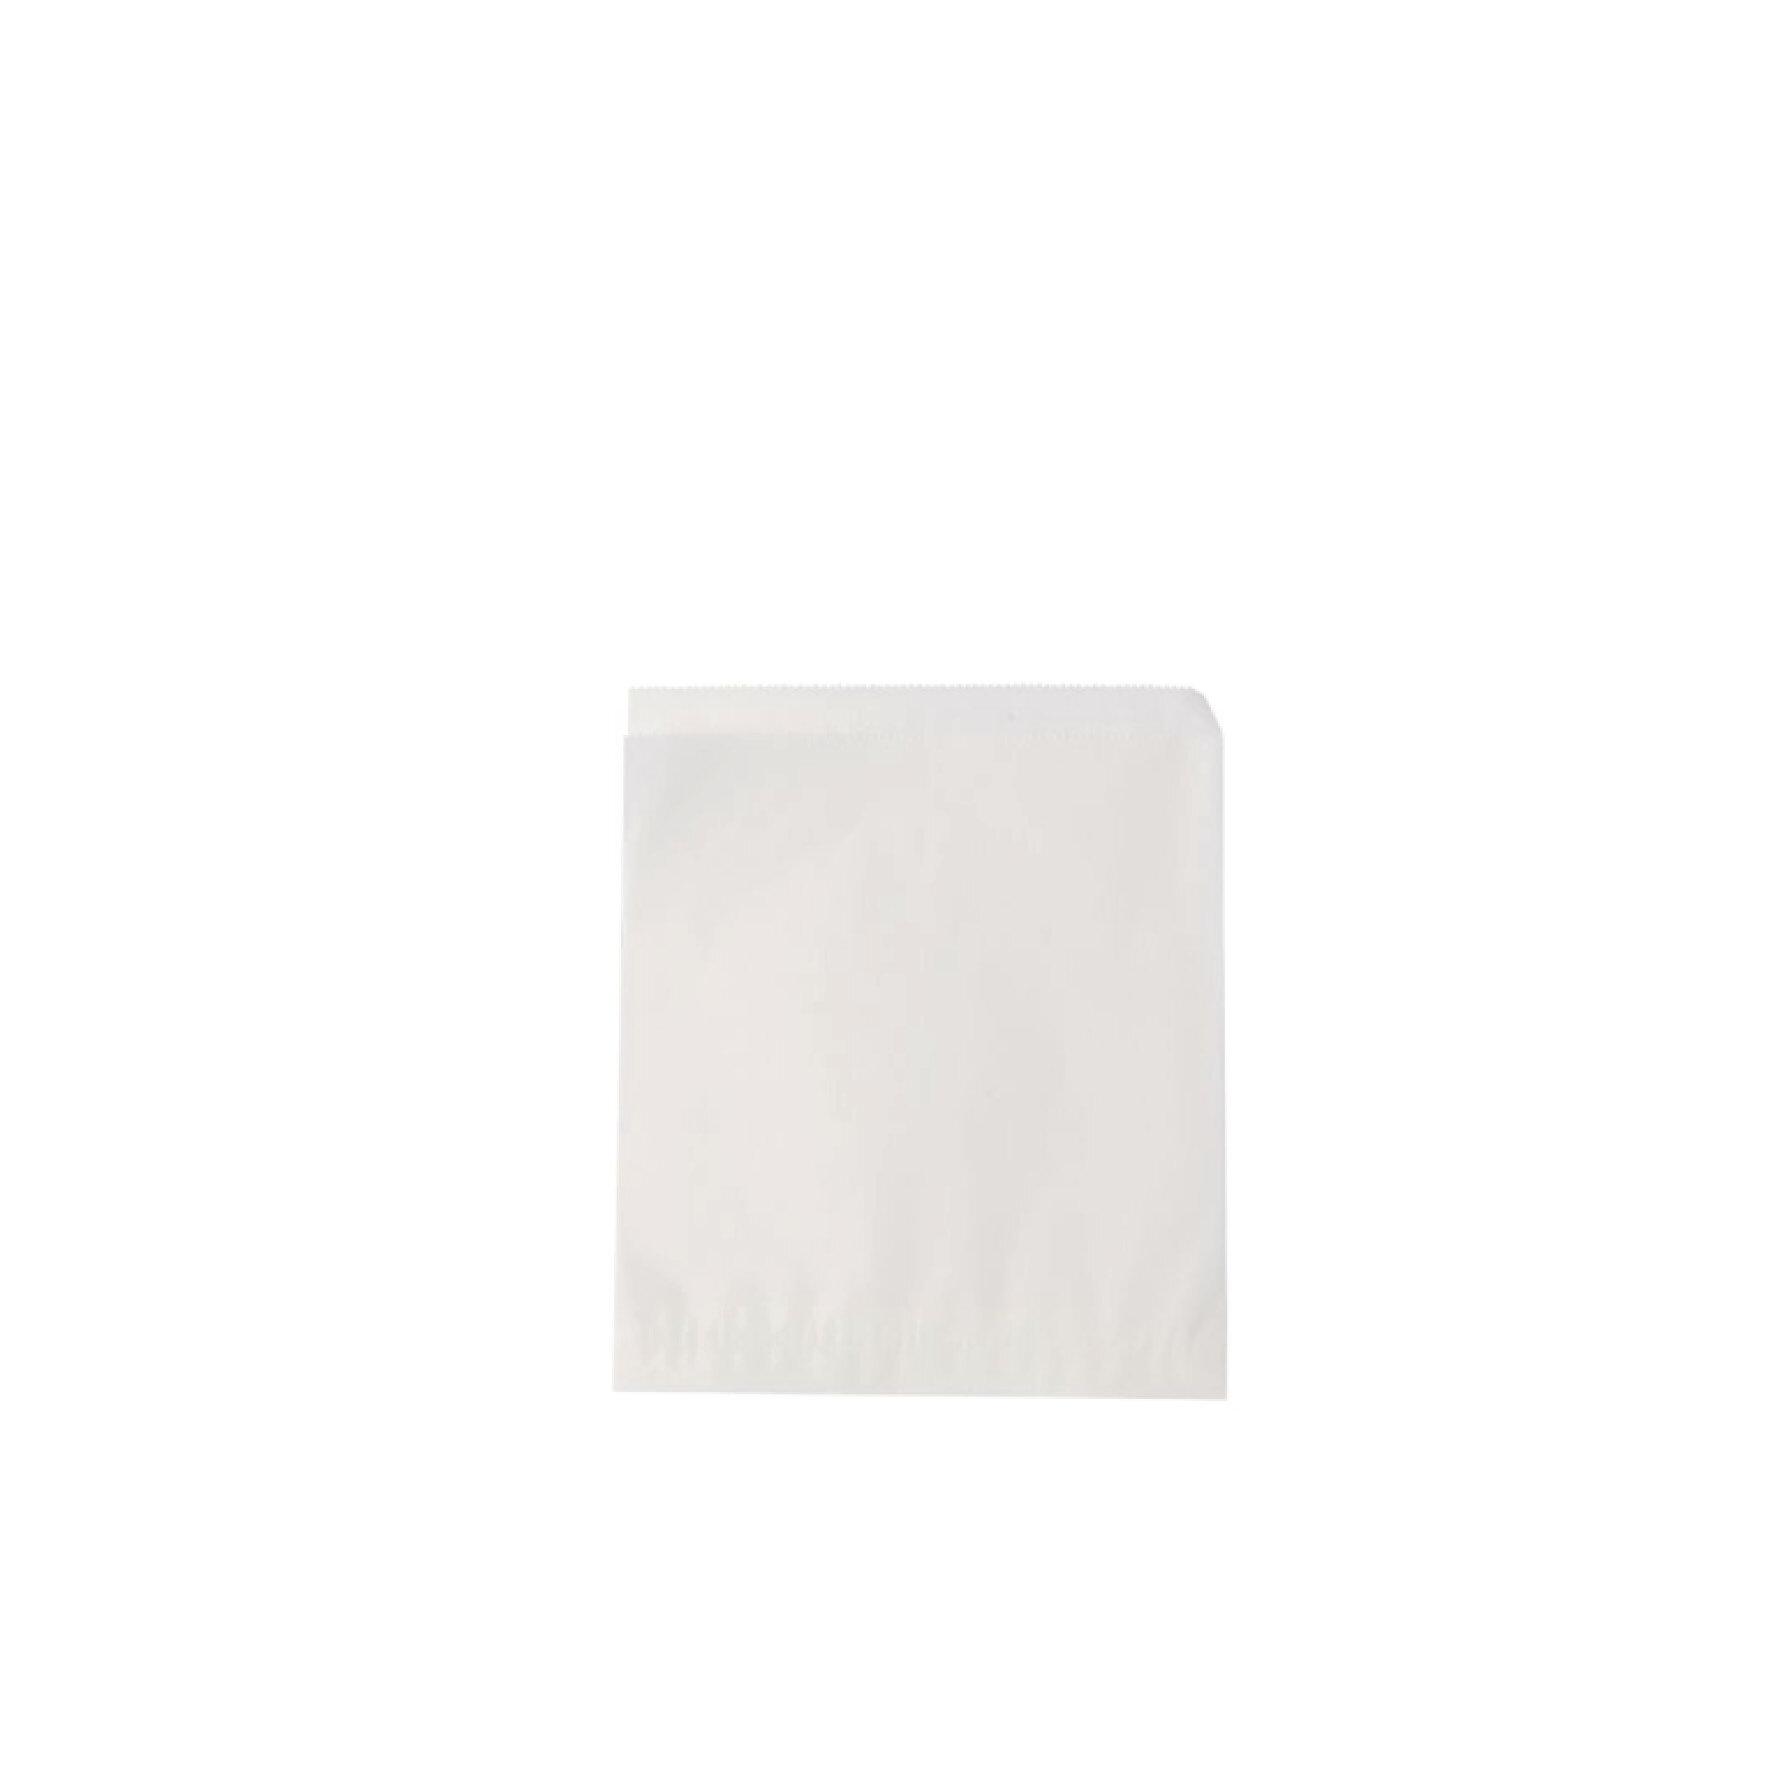 WEBAbag  Snackbeutel  aus Pergamentersatz    individuell bedruckbar, durchscheinend, fettbeständig, kompostierbar